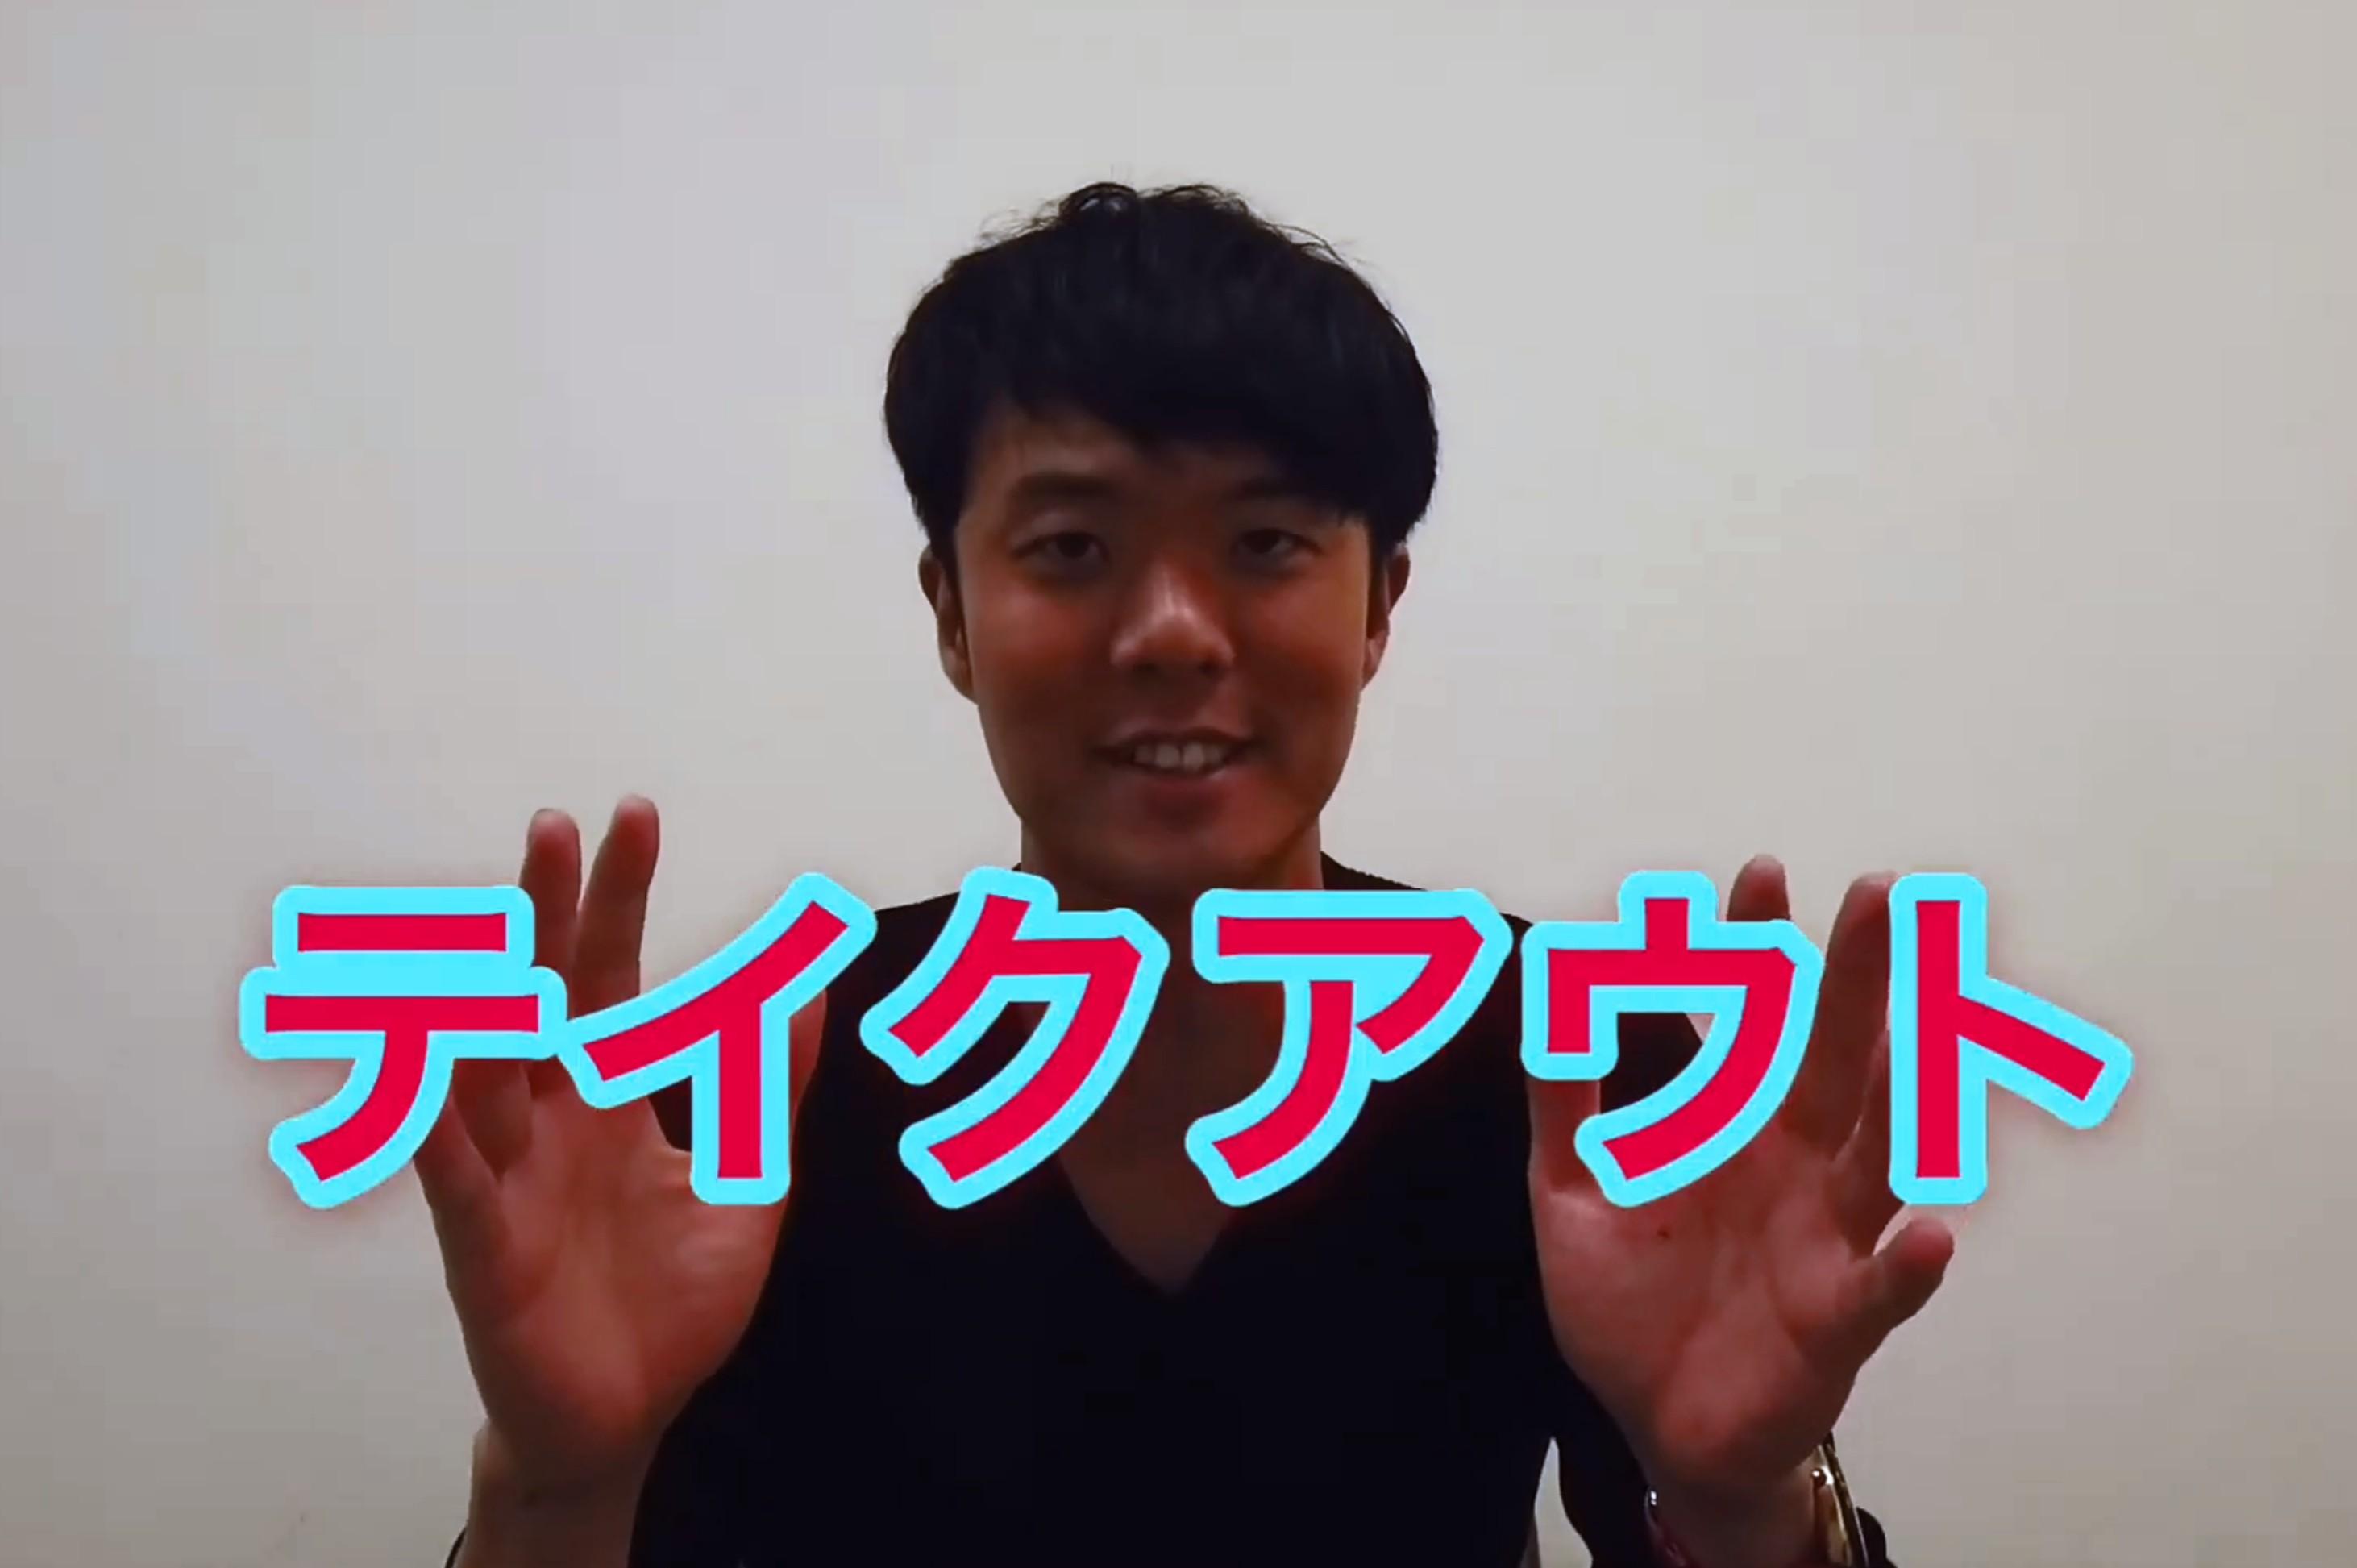 翔子 スキー 相田